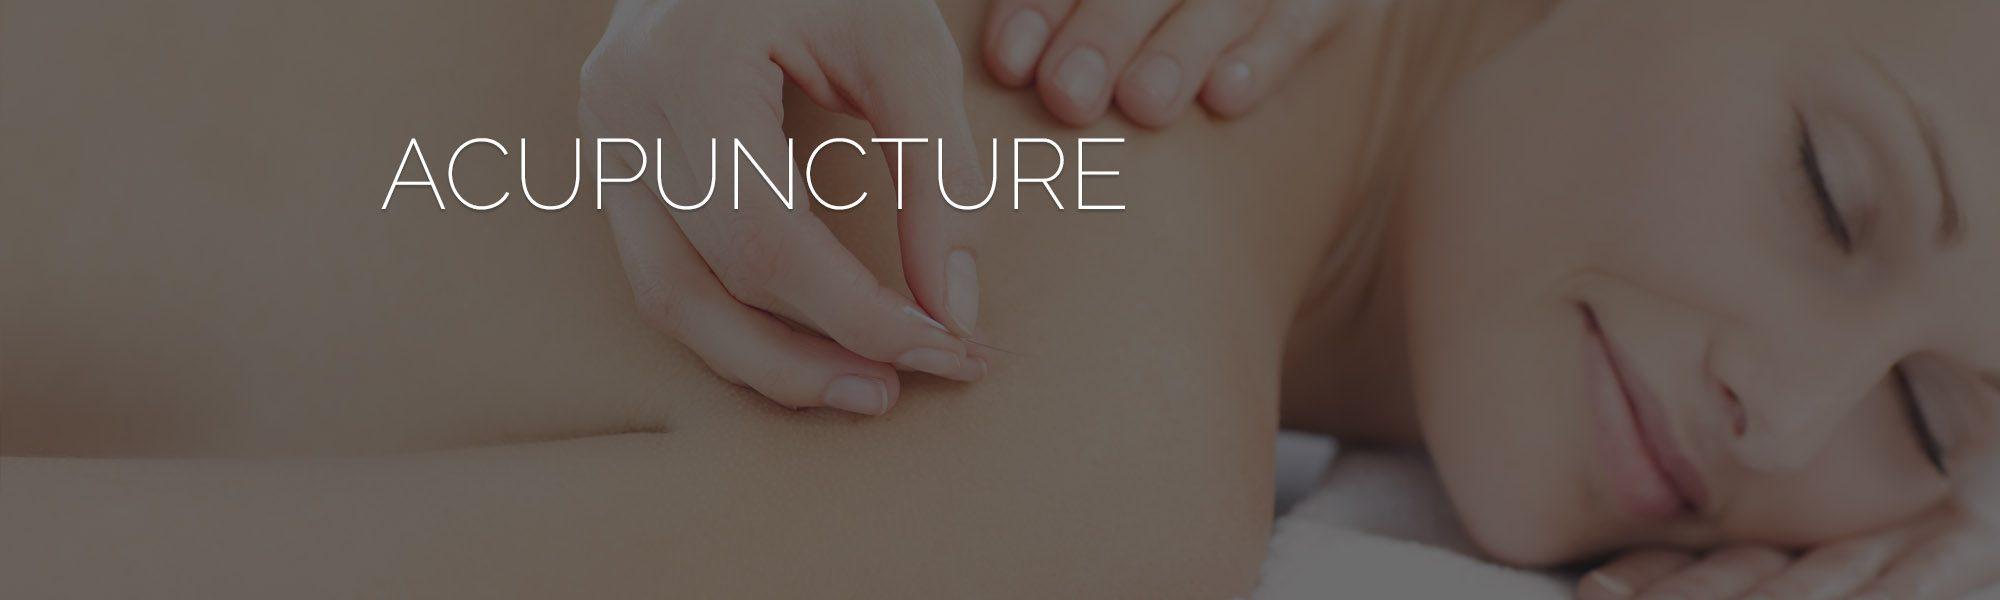 acupuncture-keller-tx